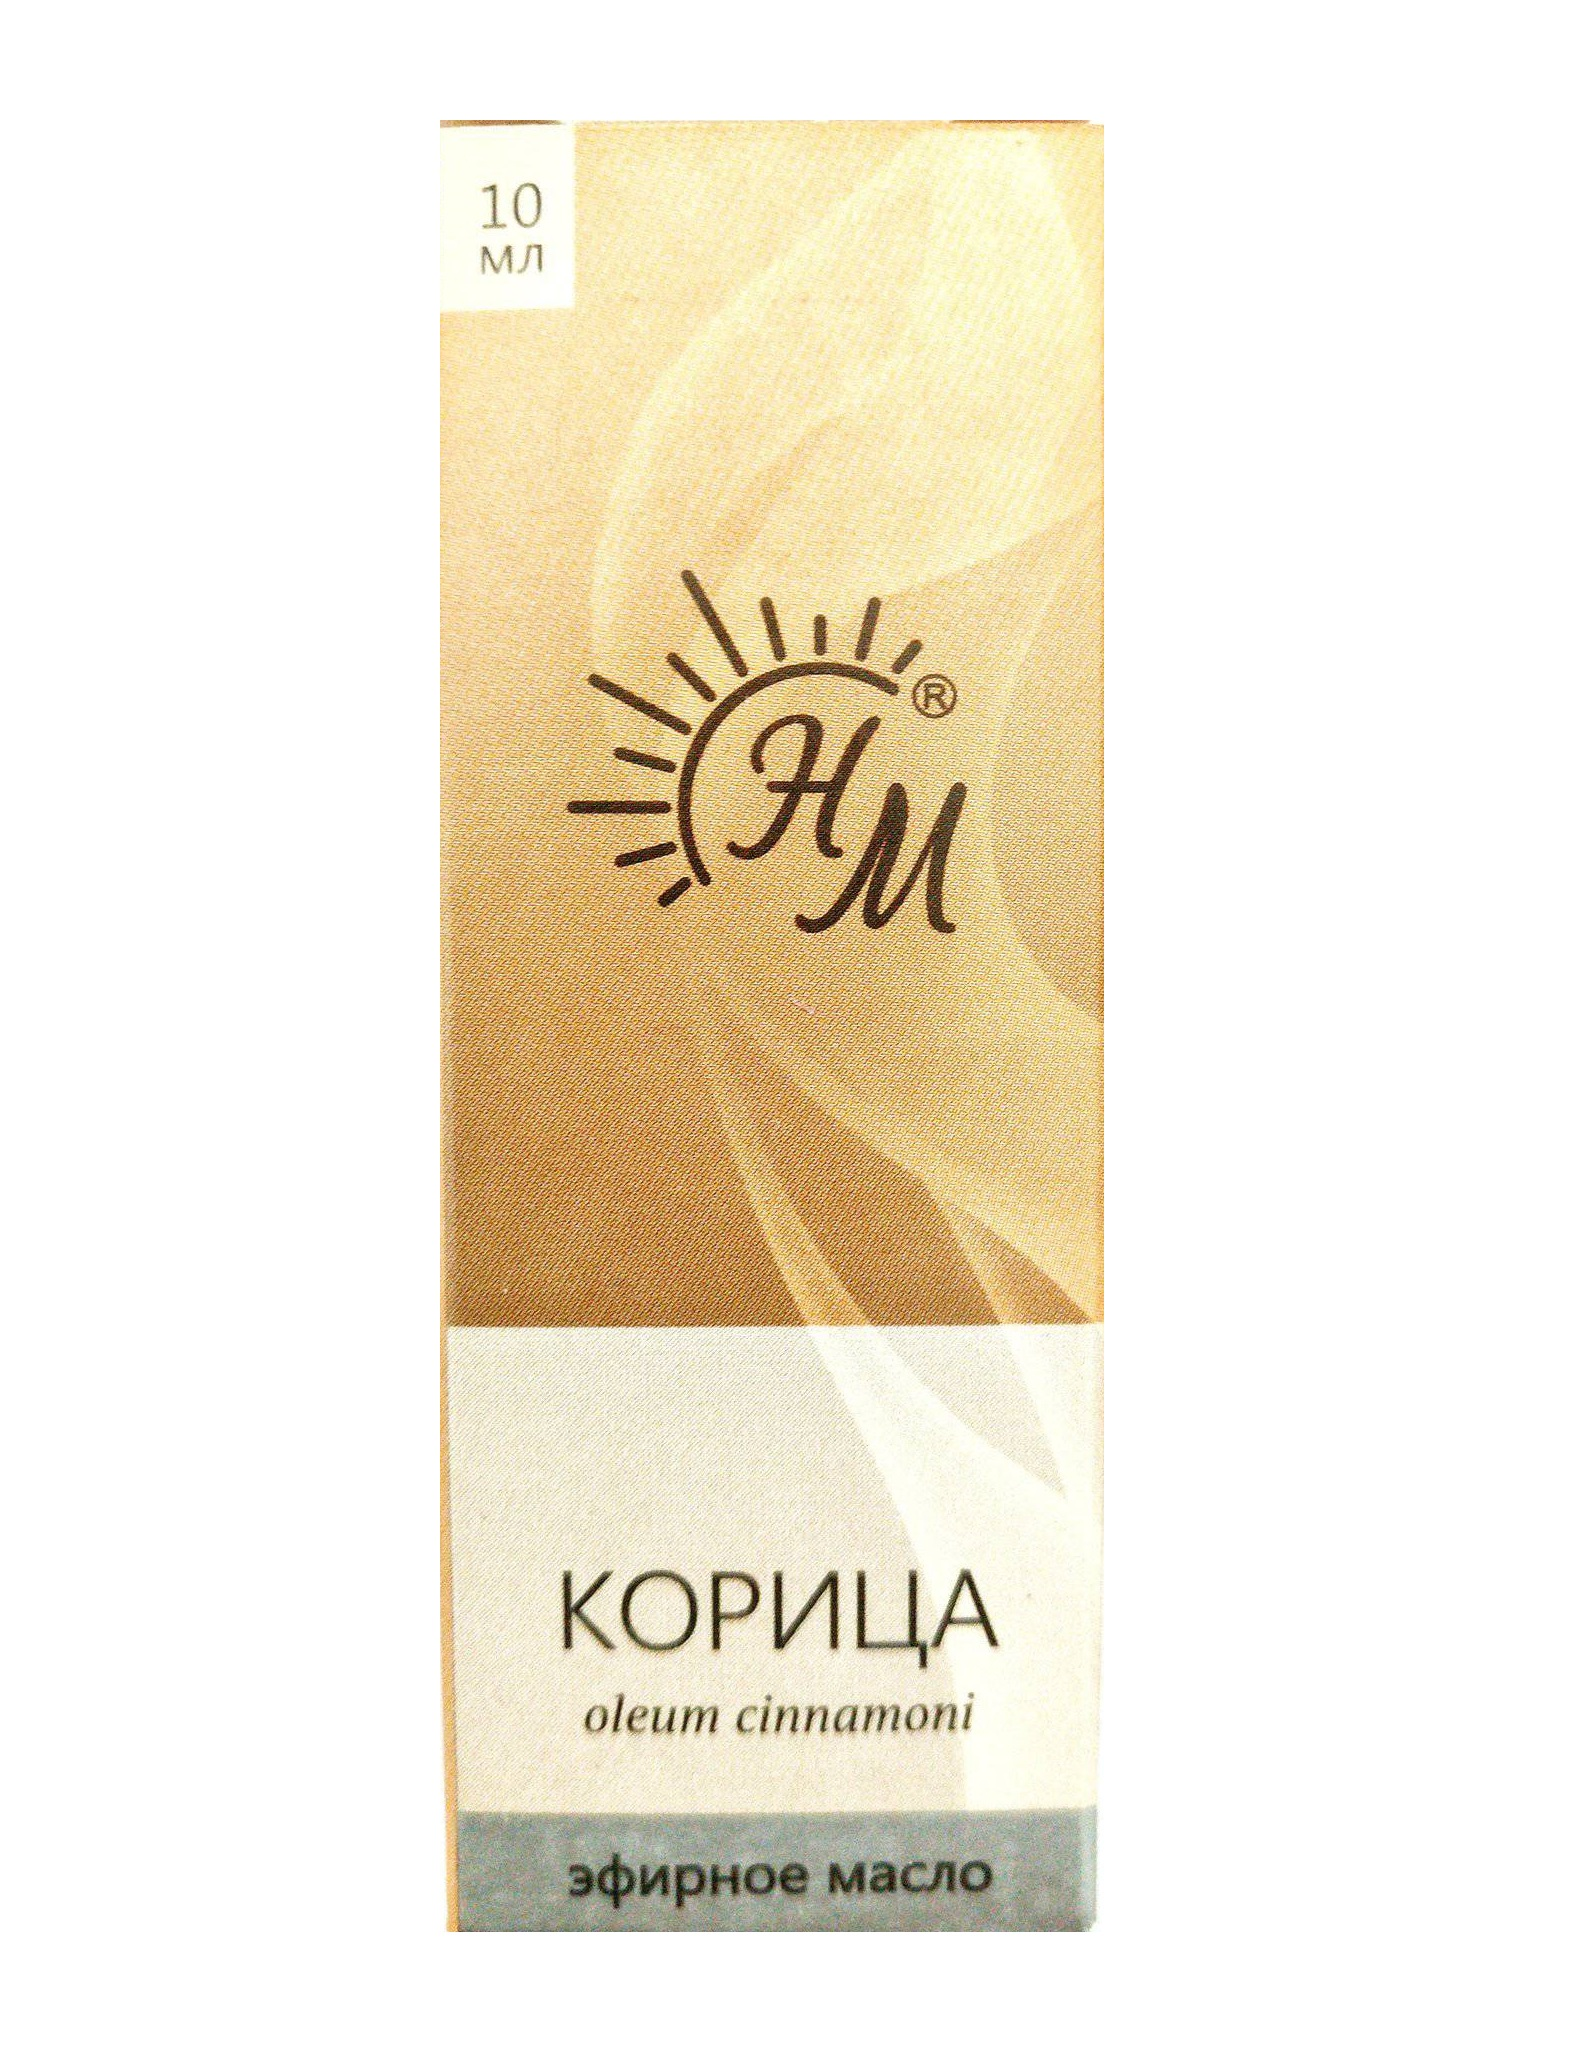 Масло эфирное Натуральные масла Корица 10ml, ФР-00000392  - Купить